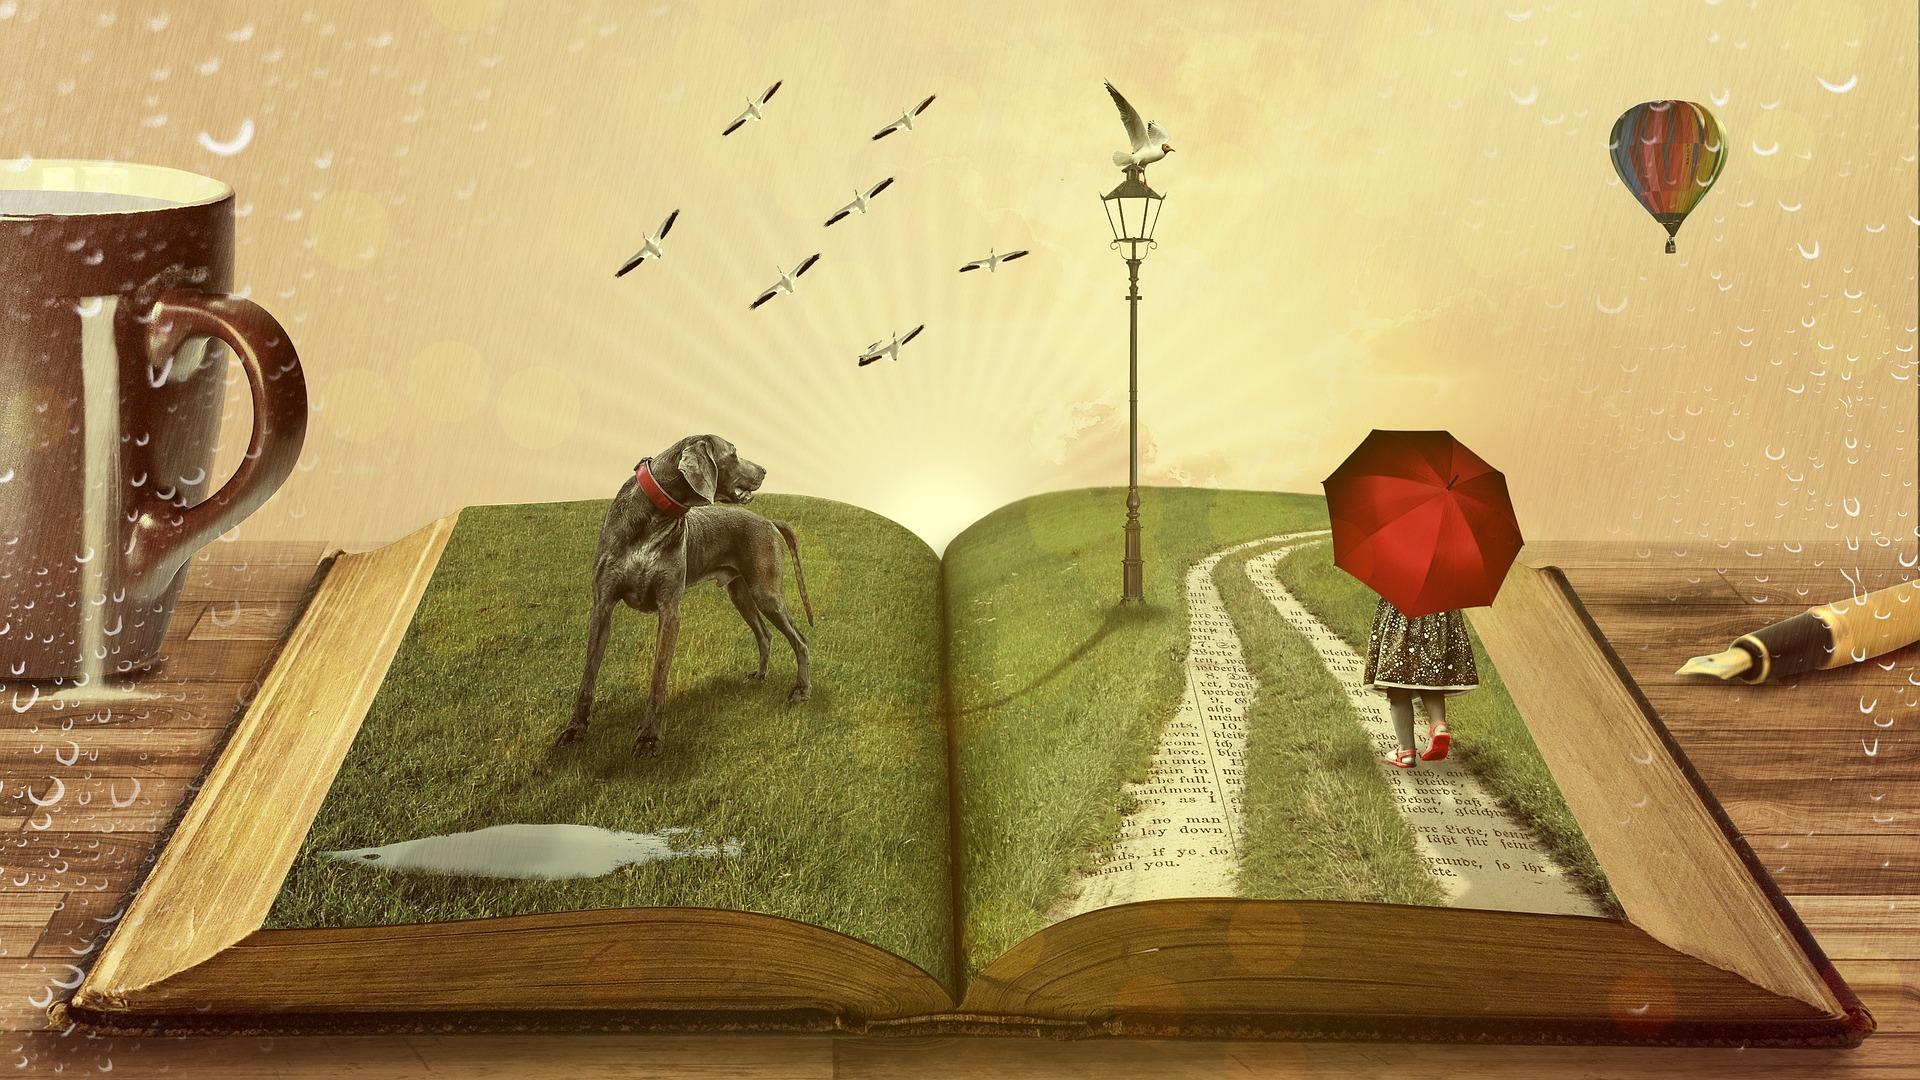 su narrativa determina su historia, ya que esta imagen ilustra un libro abierto con un camino establecido